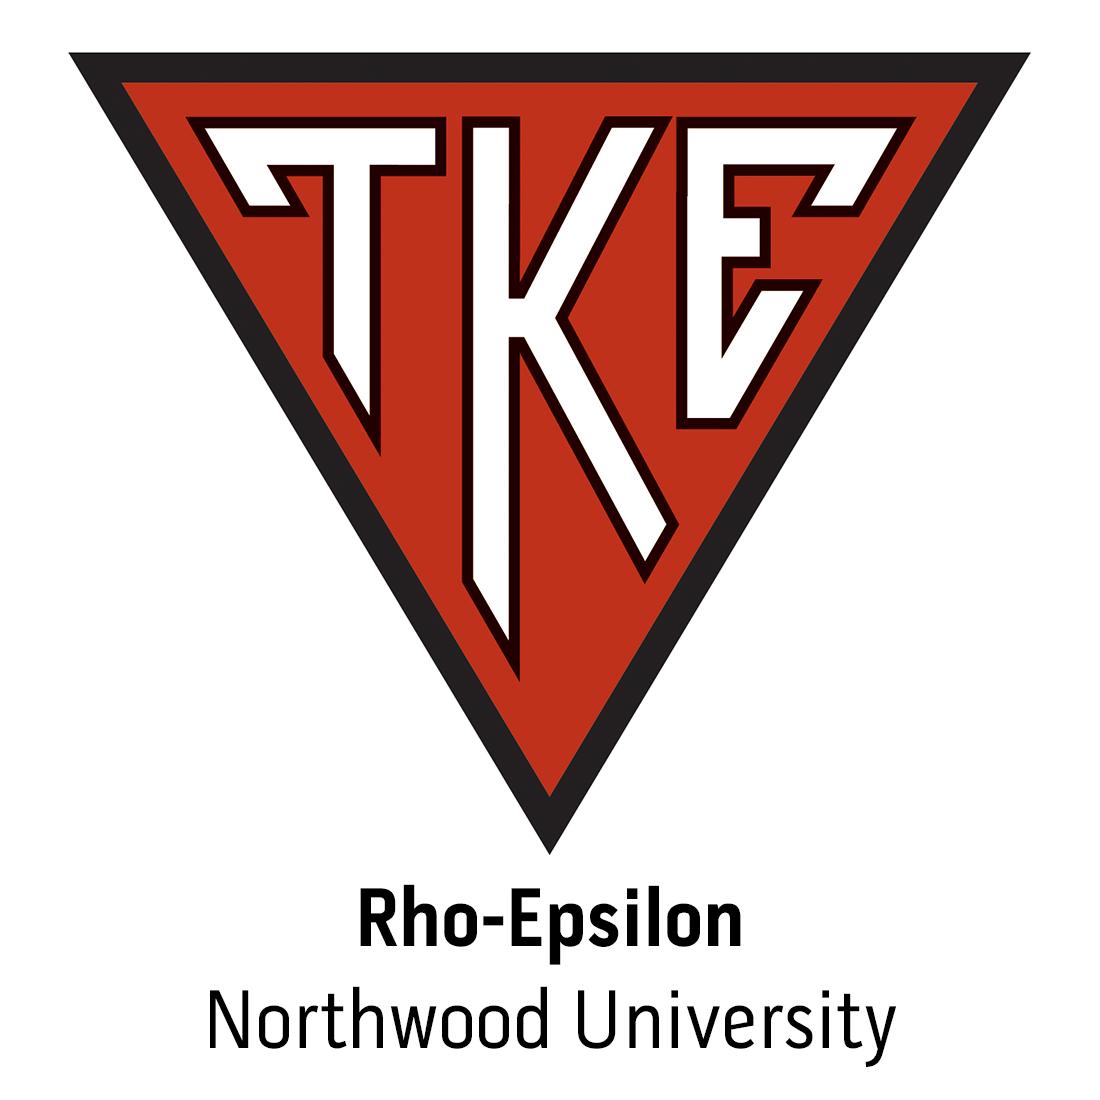 Rho-Epsilon Chapter at Northwood University